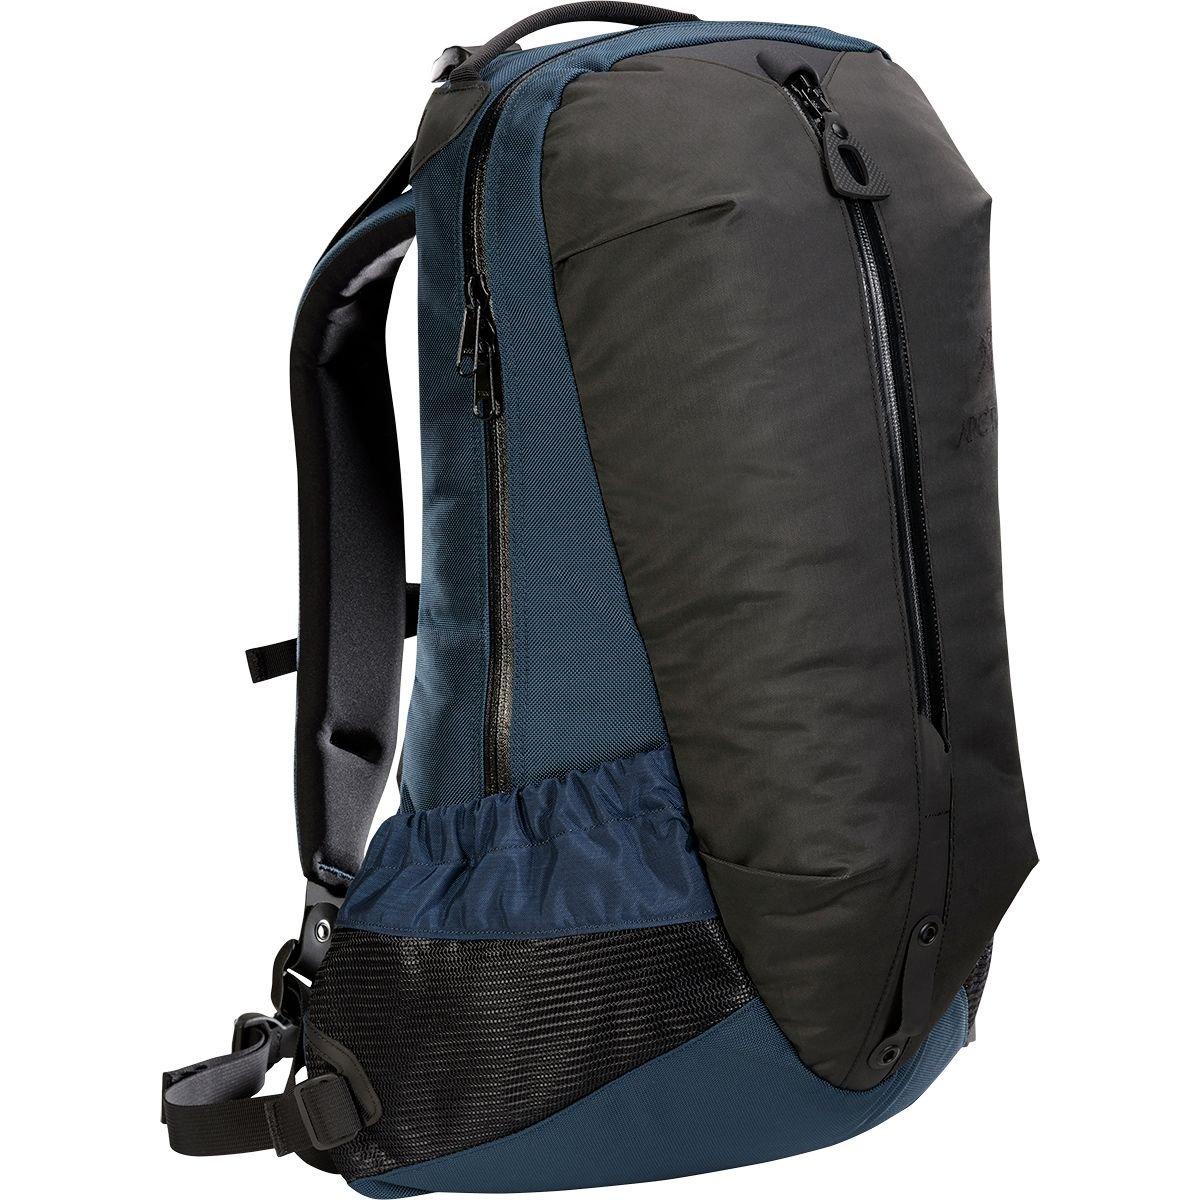 [アークテリクス] メンズ バックパックリュックサック Arro 22L Backpack [並行輸入品] B07GQVNV4L  No-Size